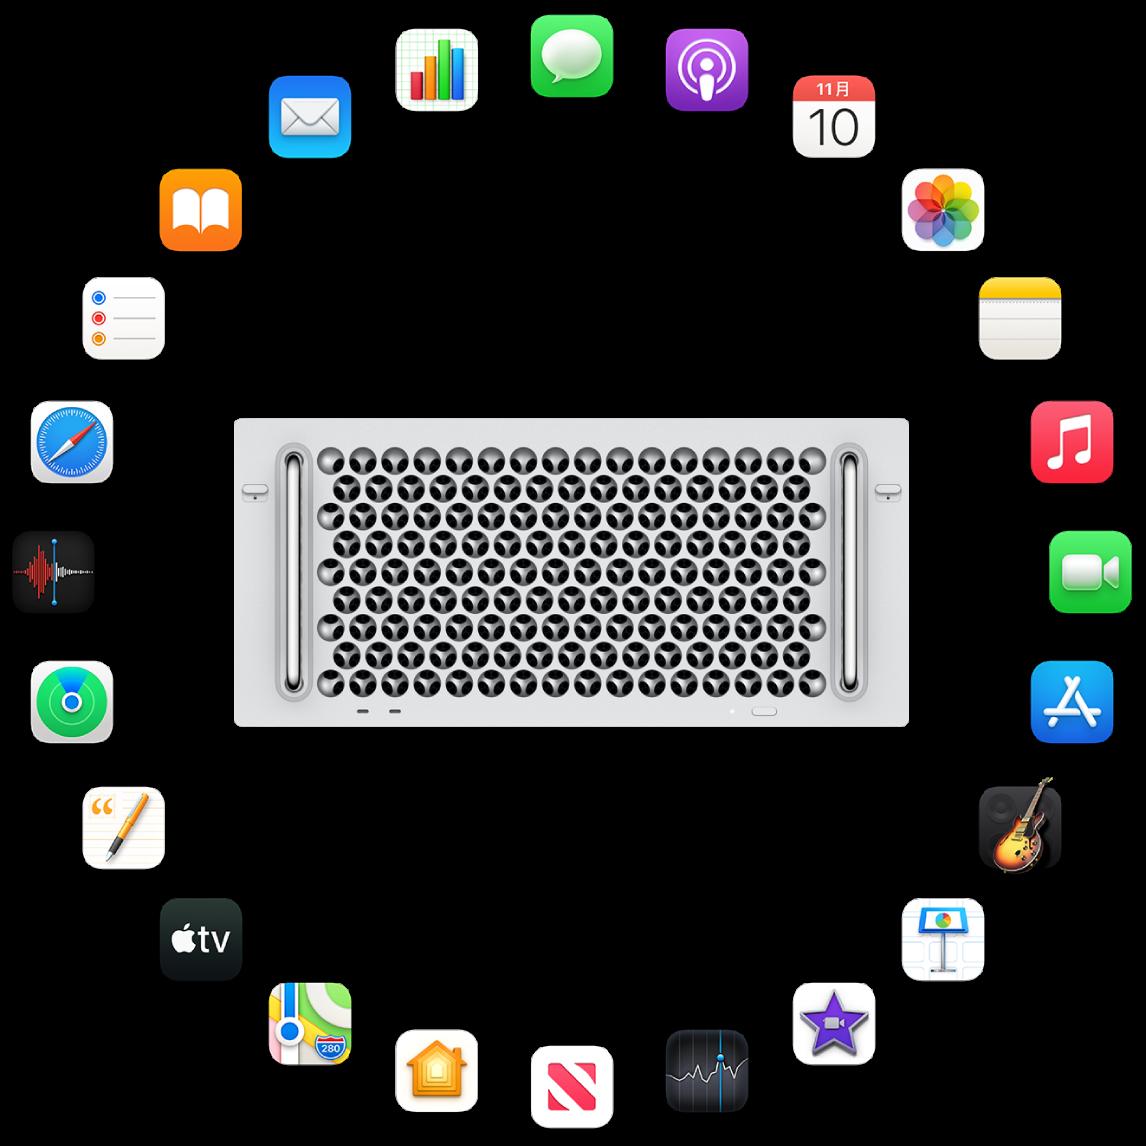 由內建 App 圖像所圍繞的 Mac Pro,這些 App 會於後續章節中說明。